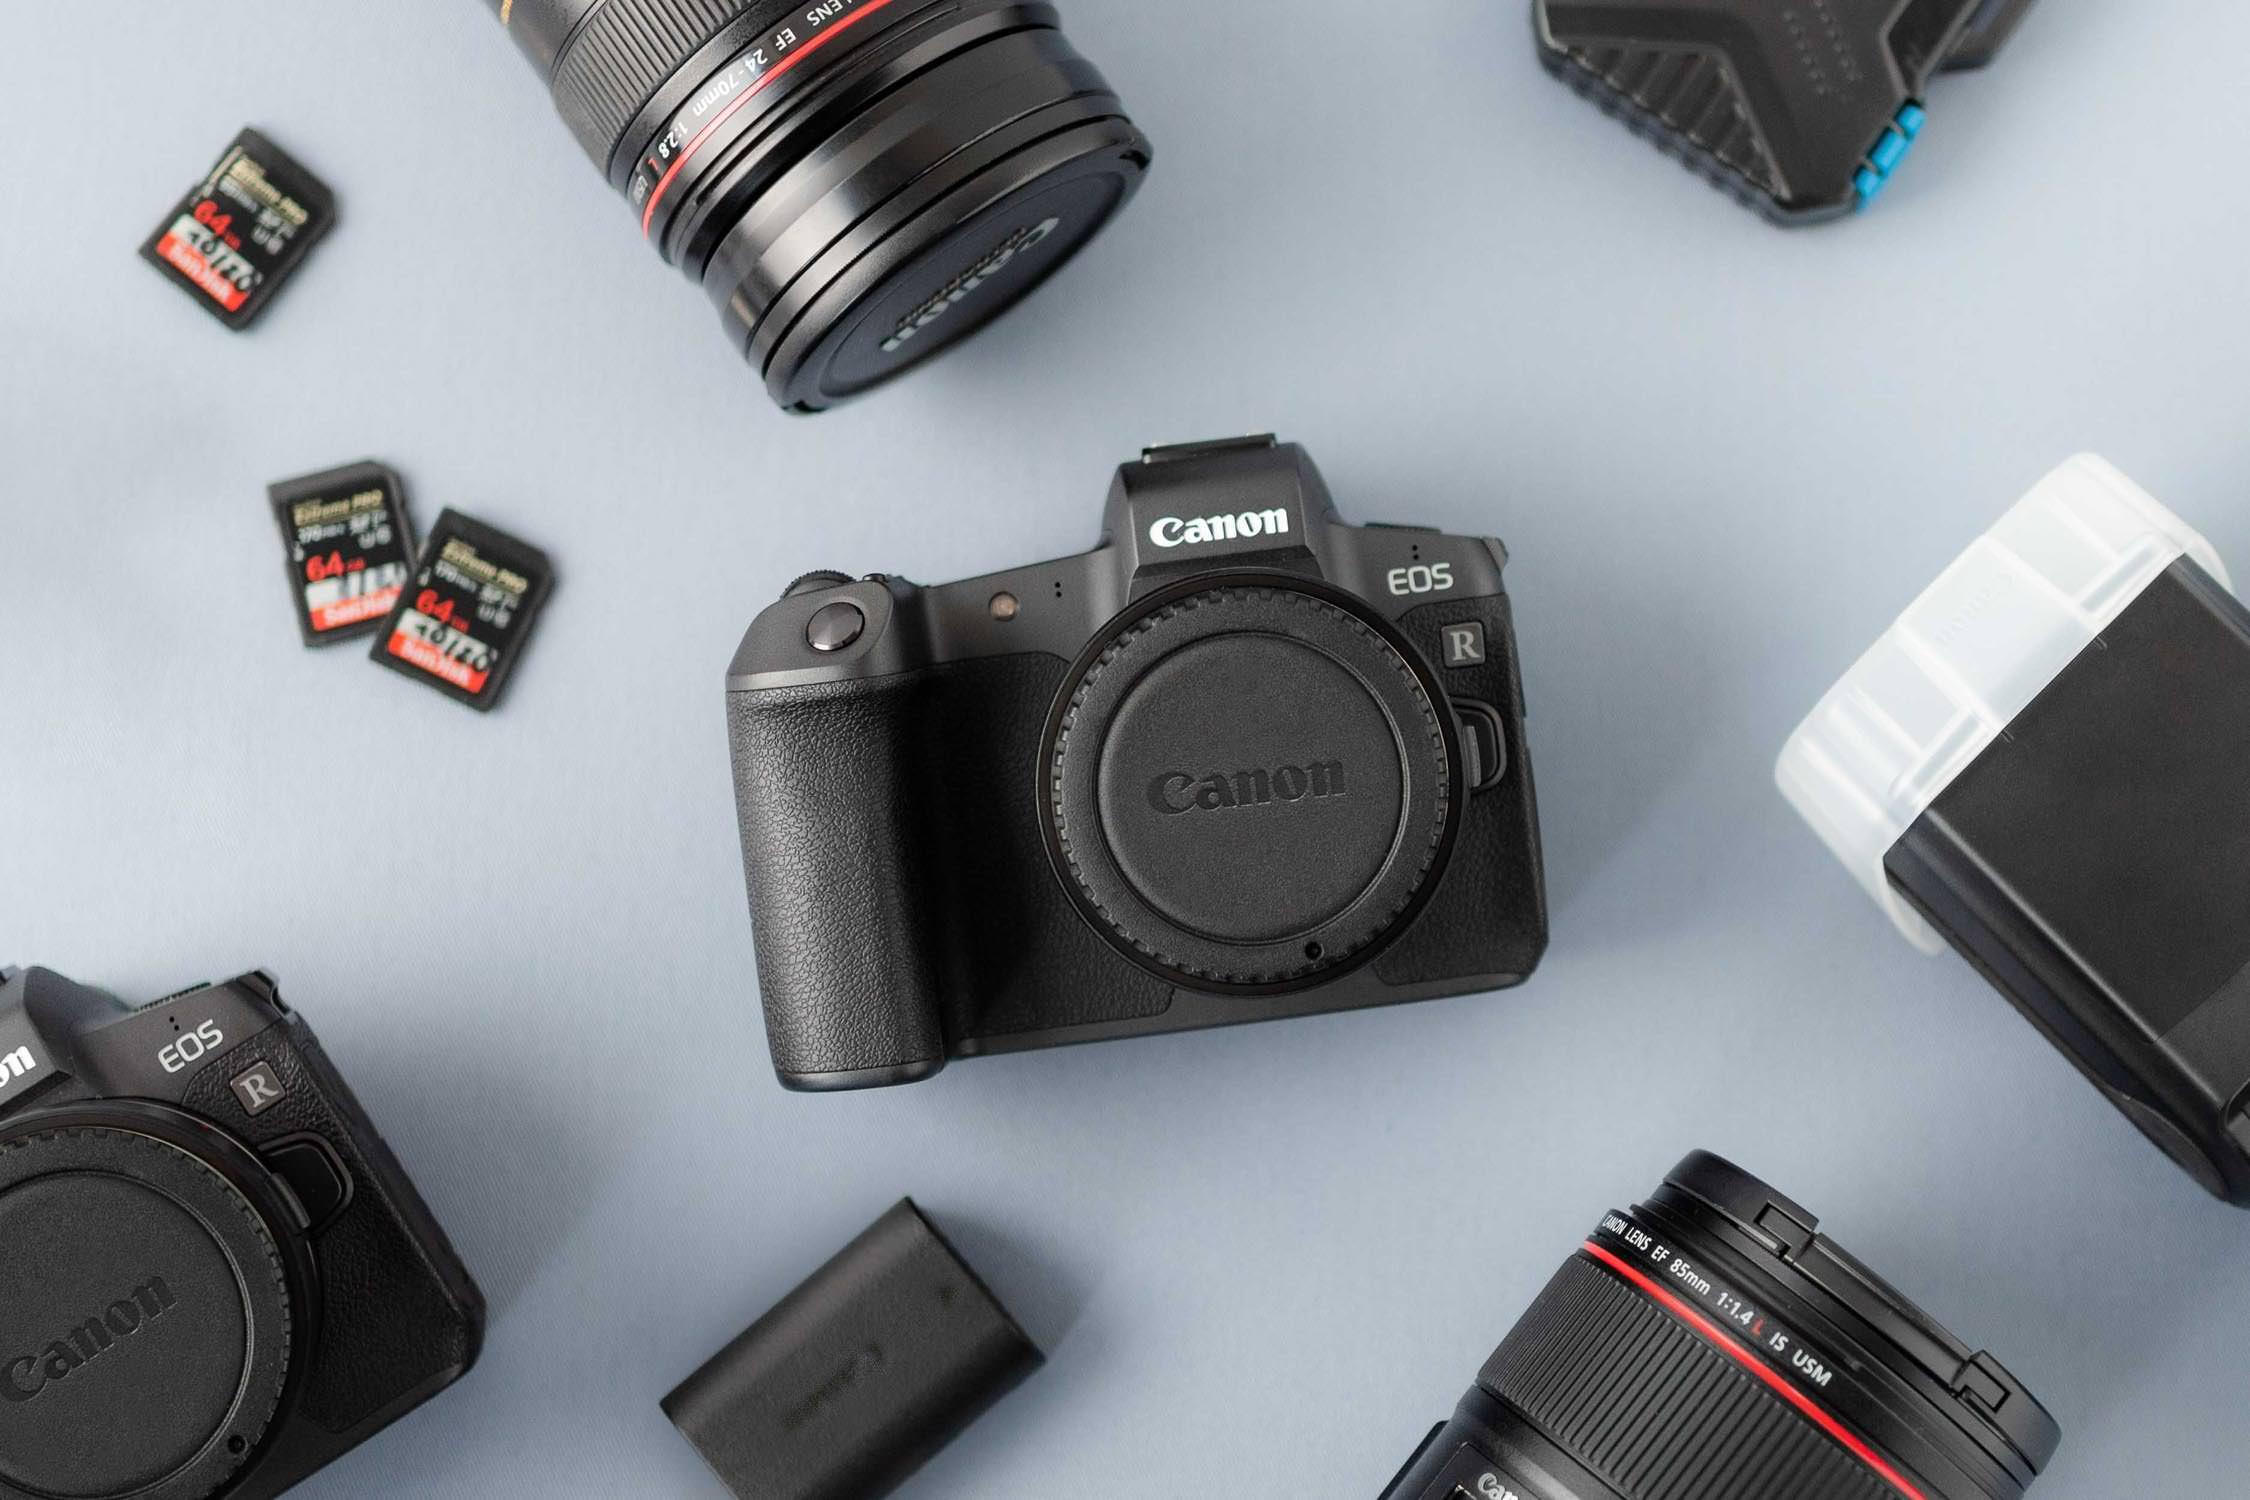 Fotoausrüstung oder Equipment für professionelle Hochzeitsfotografen